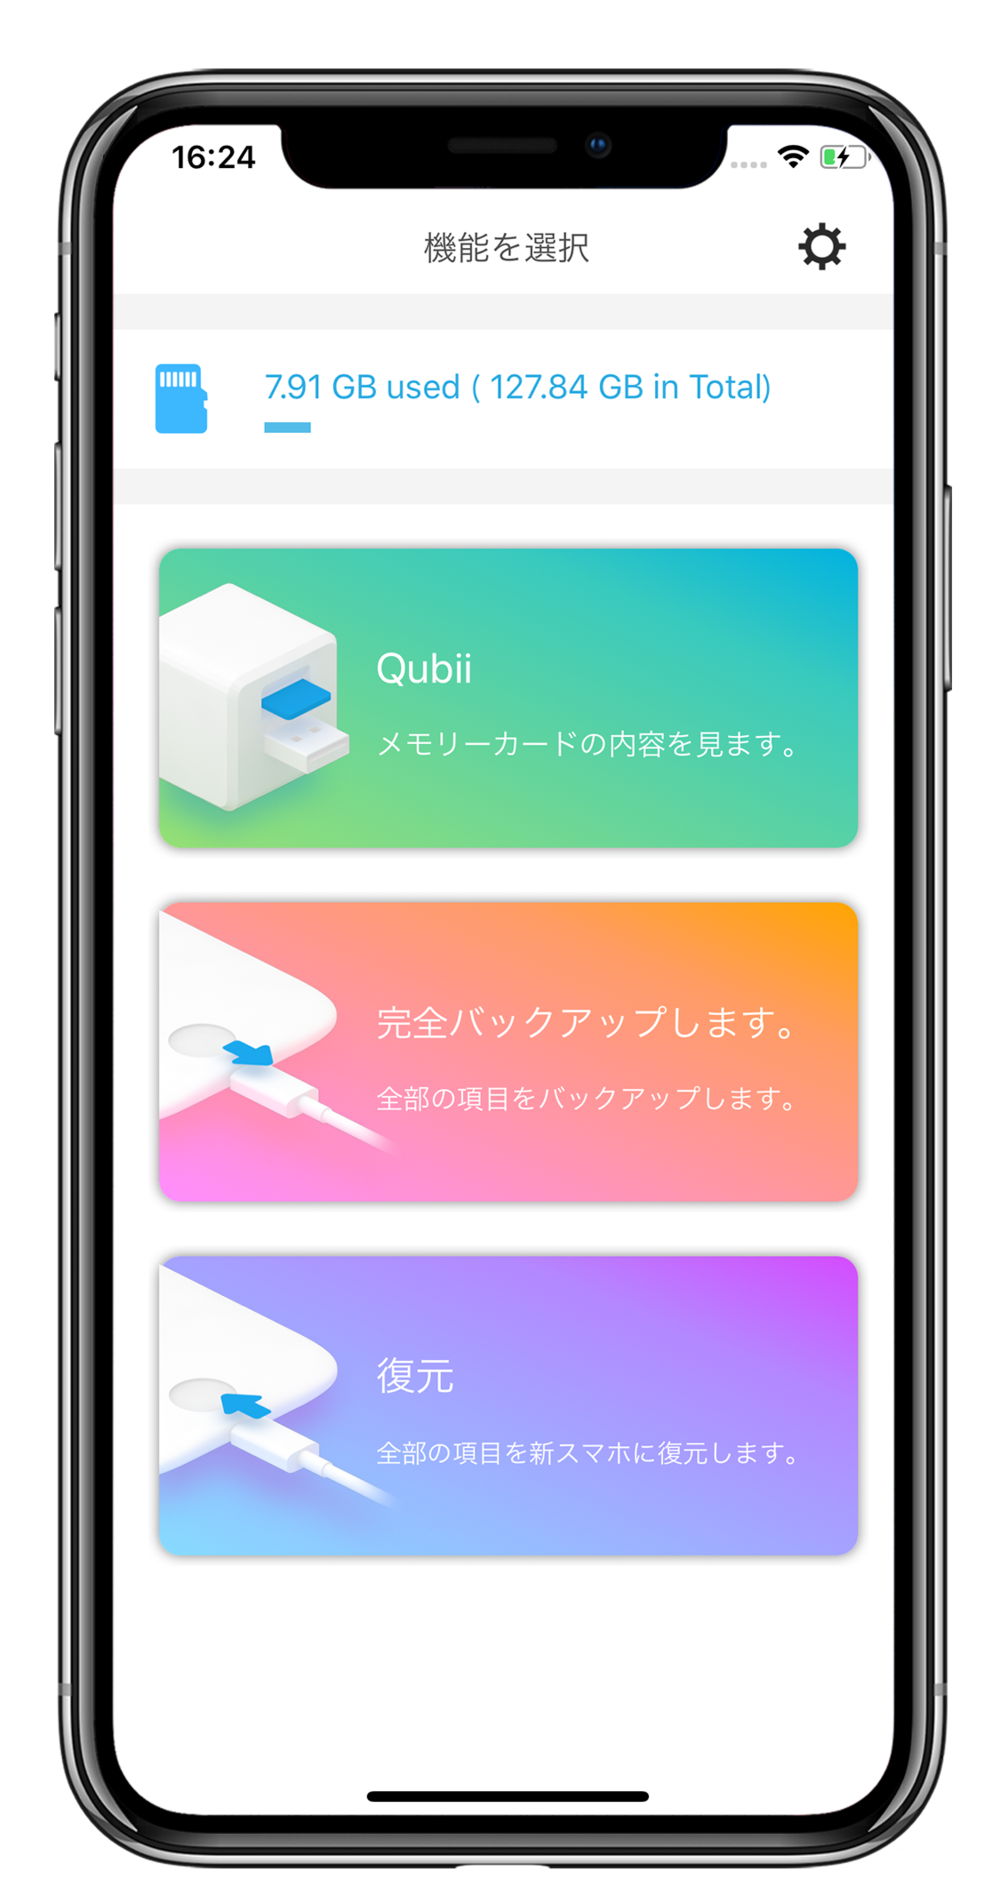 すいすい新スマホに交換、ワンタッチでバックアップ / 資料を復元 - iPhoneを交換する時にワンタッチでキュービィーバックアップ豆腐は資料をすぐに新しいiPhoneに復元できます。簡単、迅速。